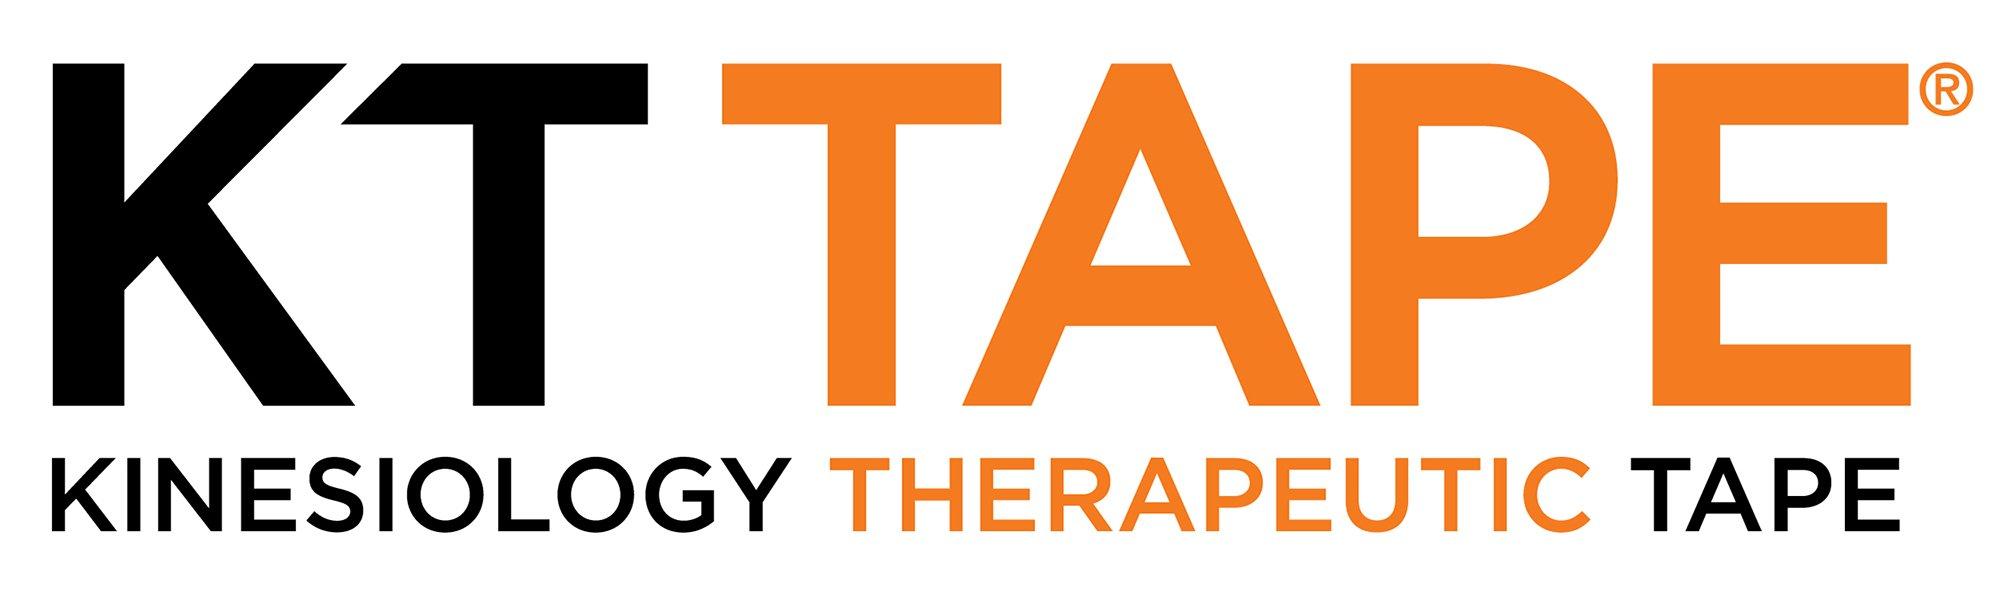 KT Tape logo